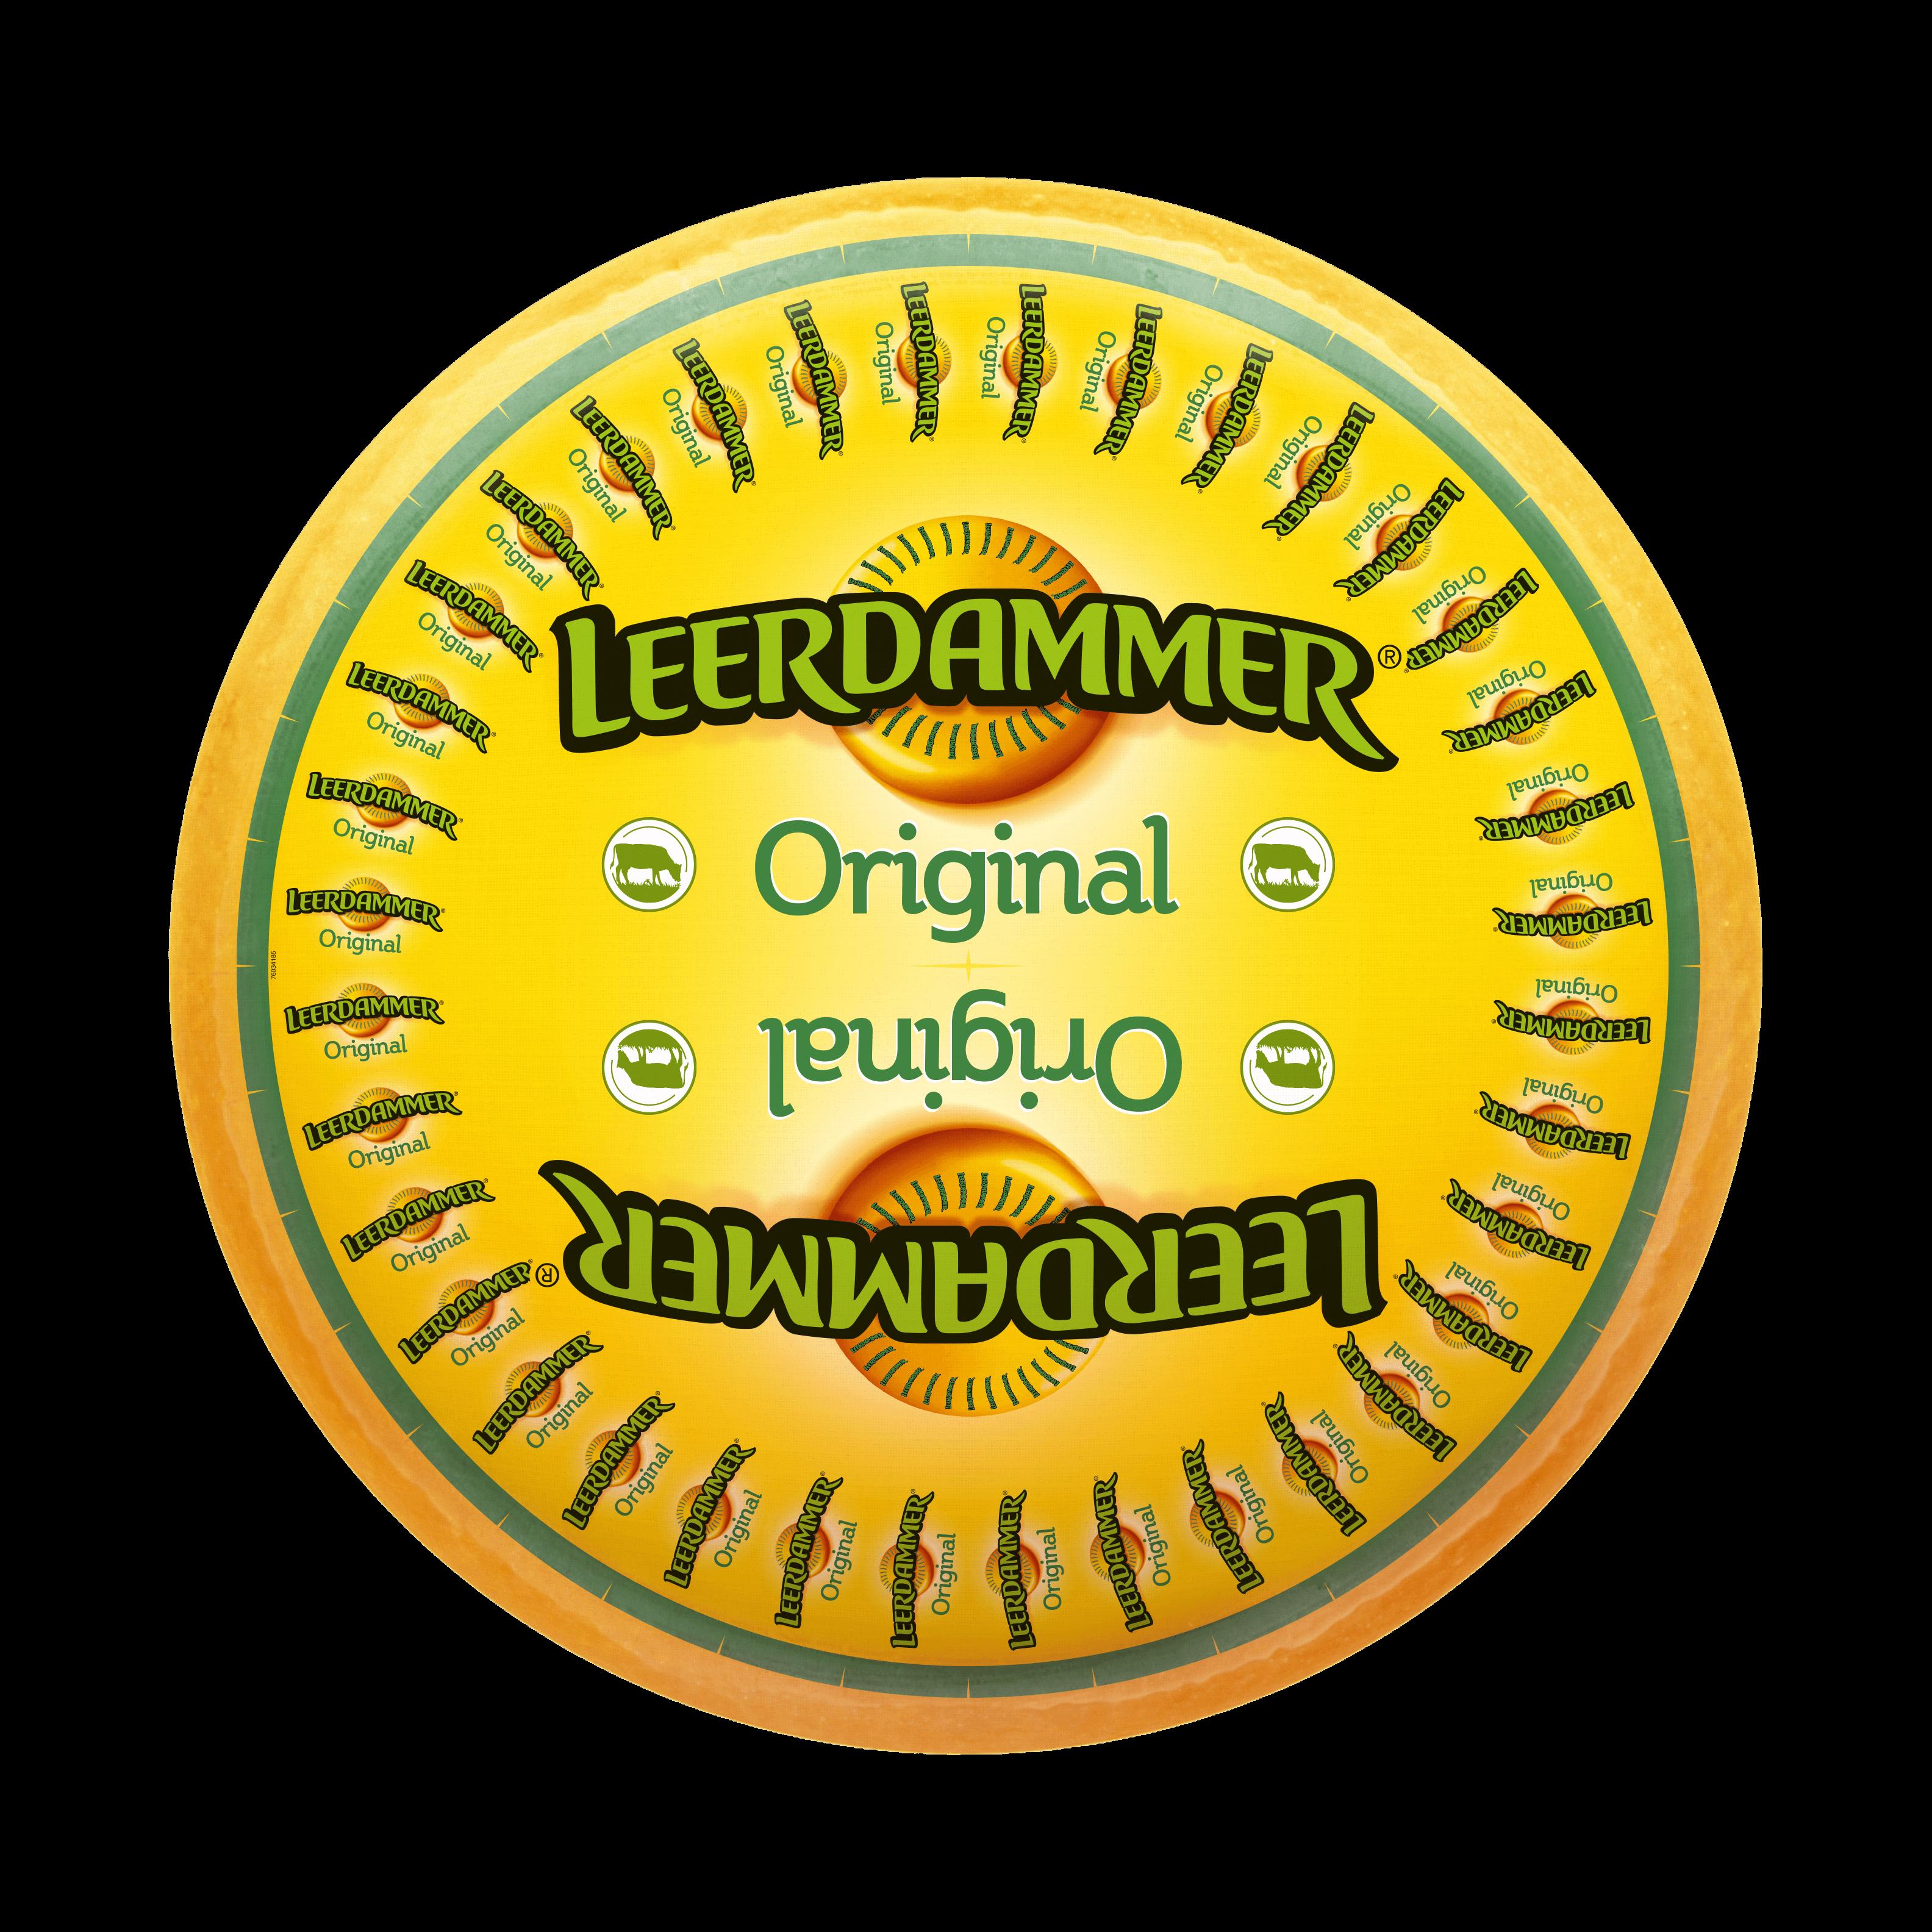 Lee000663 Original Wheel Top Hr